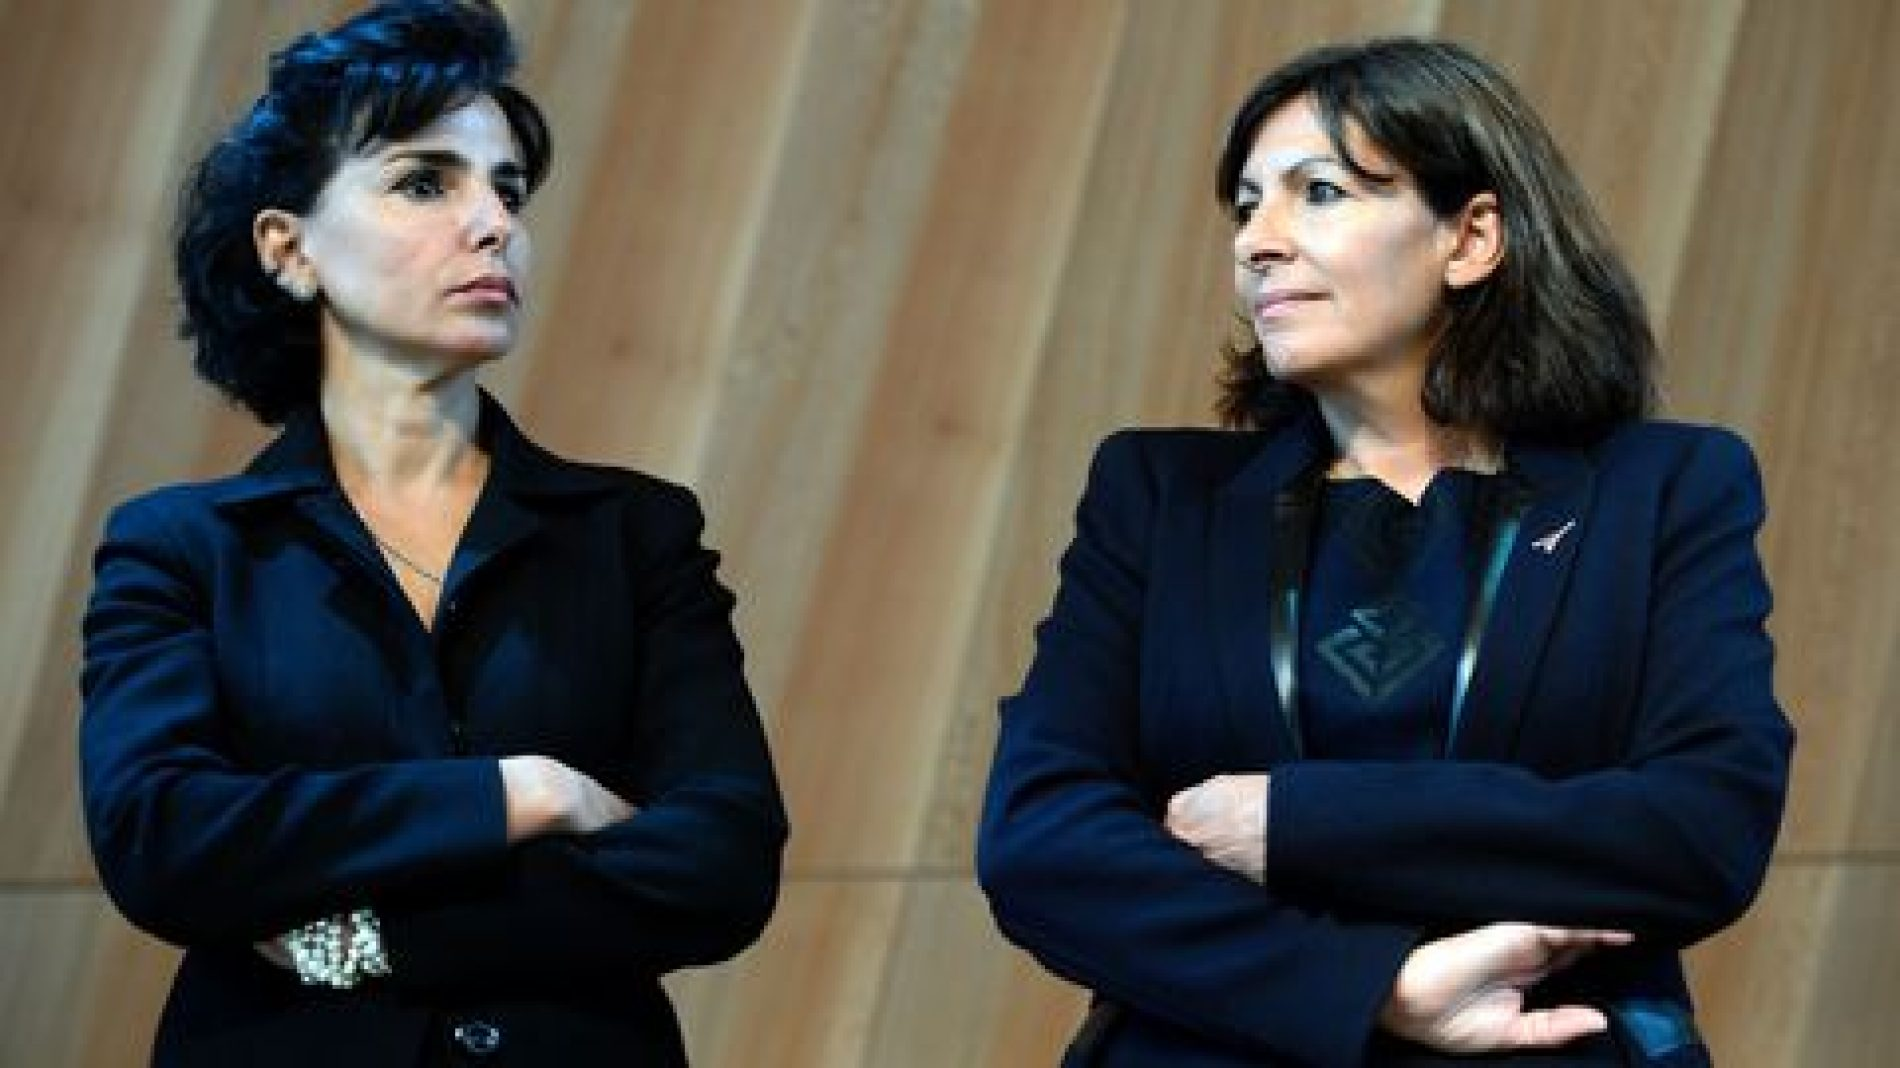 Municipales 2020: Qui d'Anne Hidalgo ou Rachida Dati remportera la bataille de Paris?